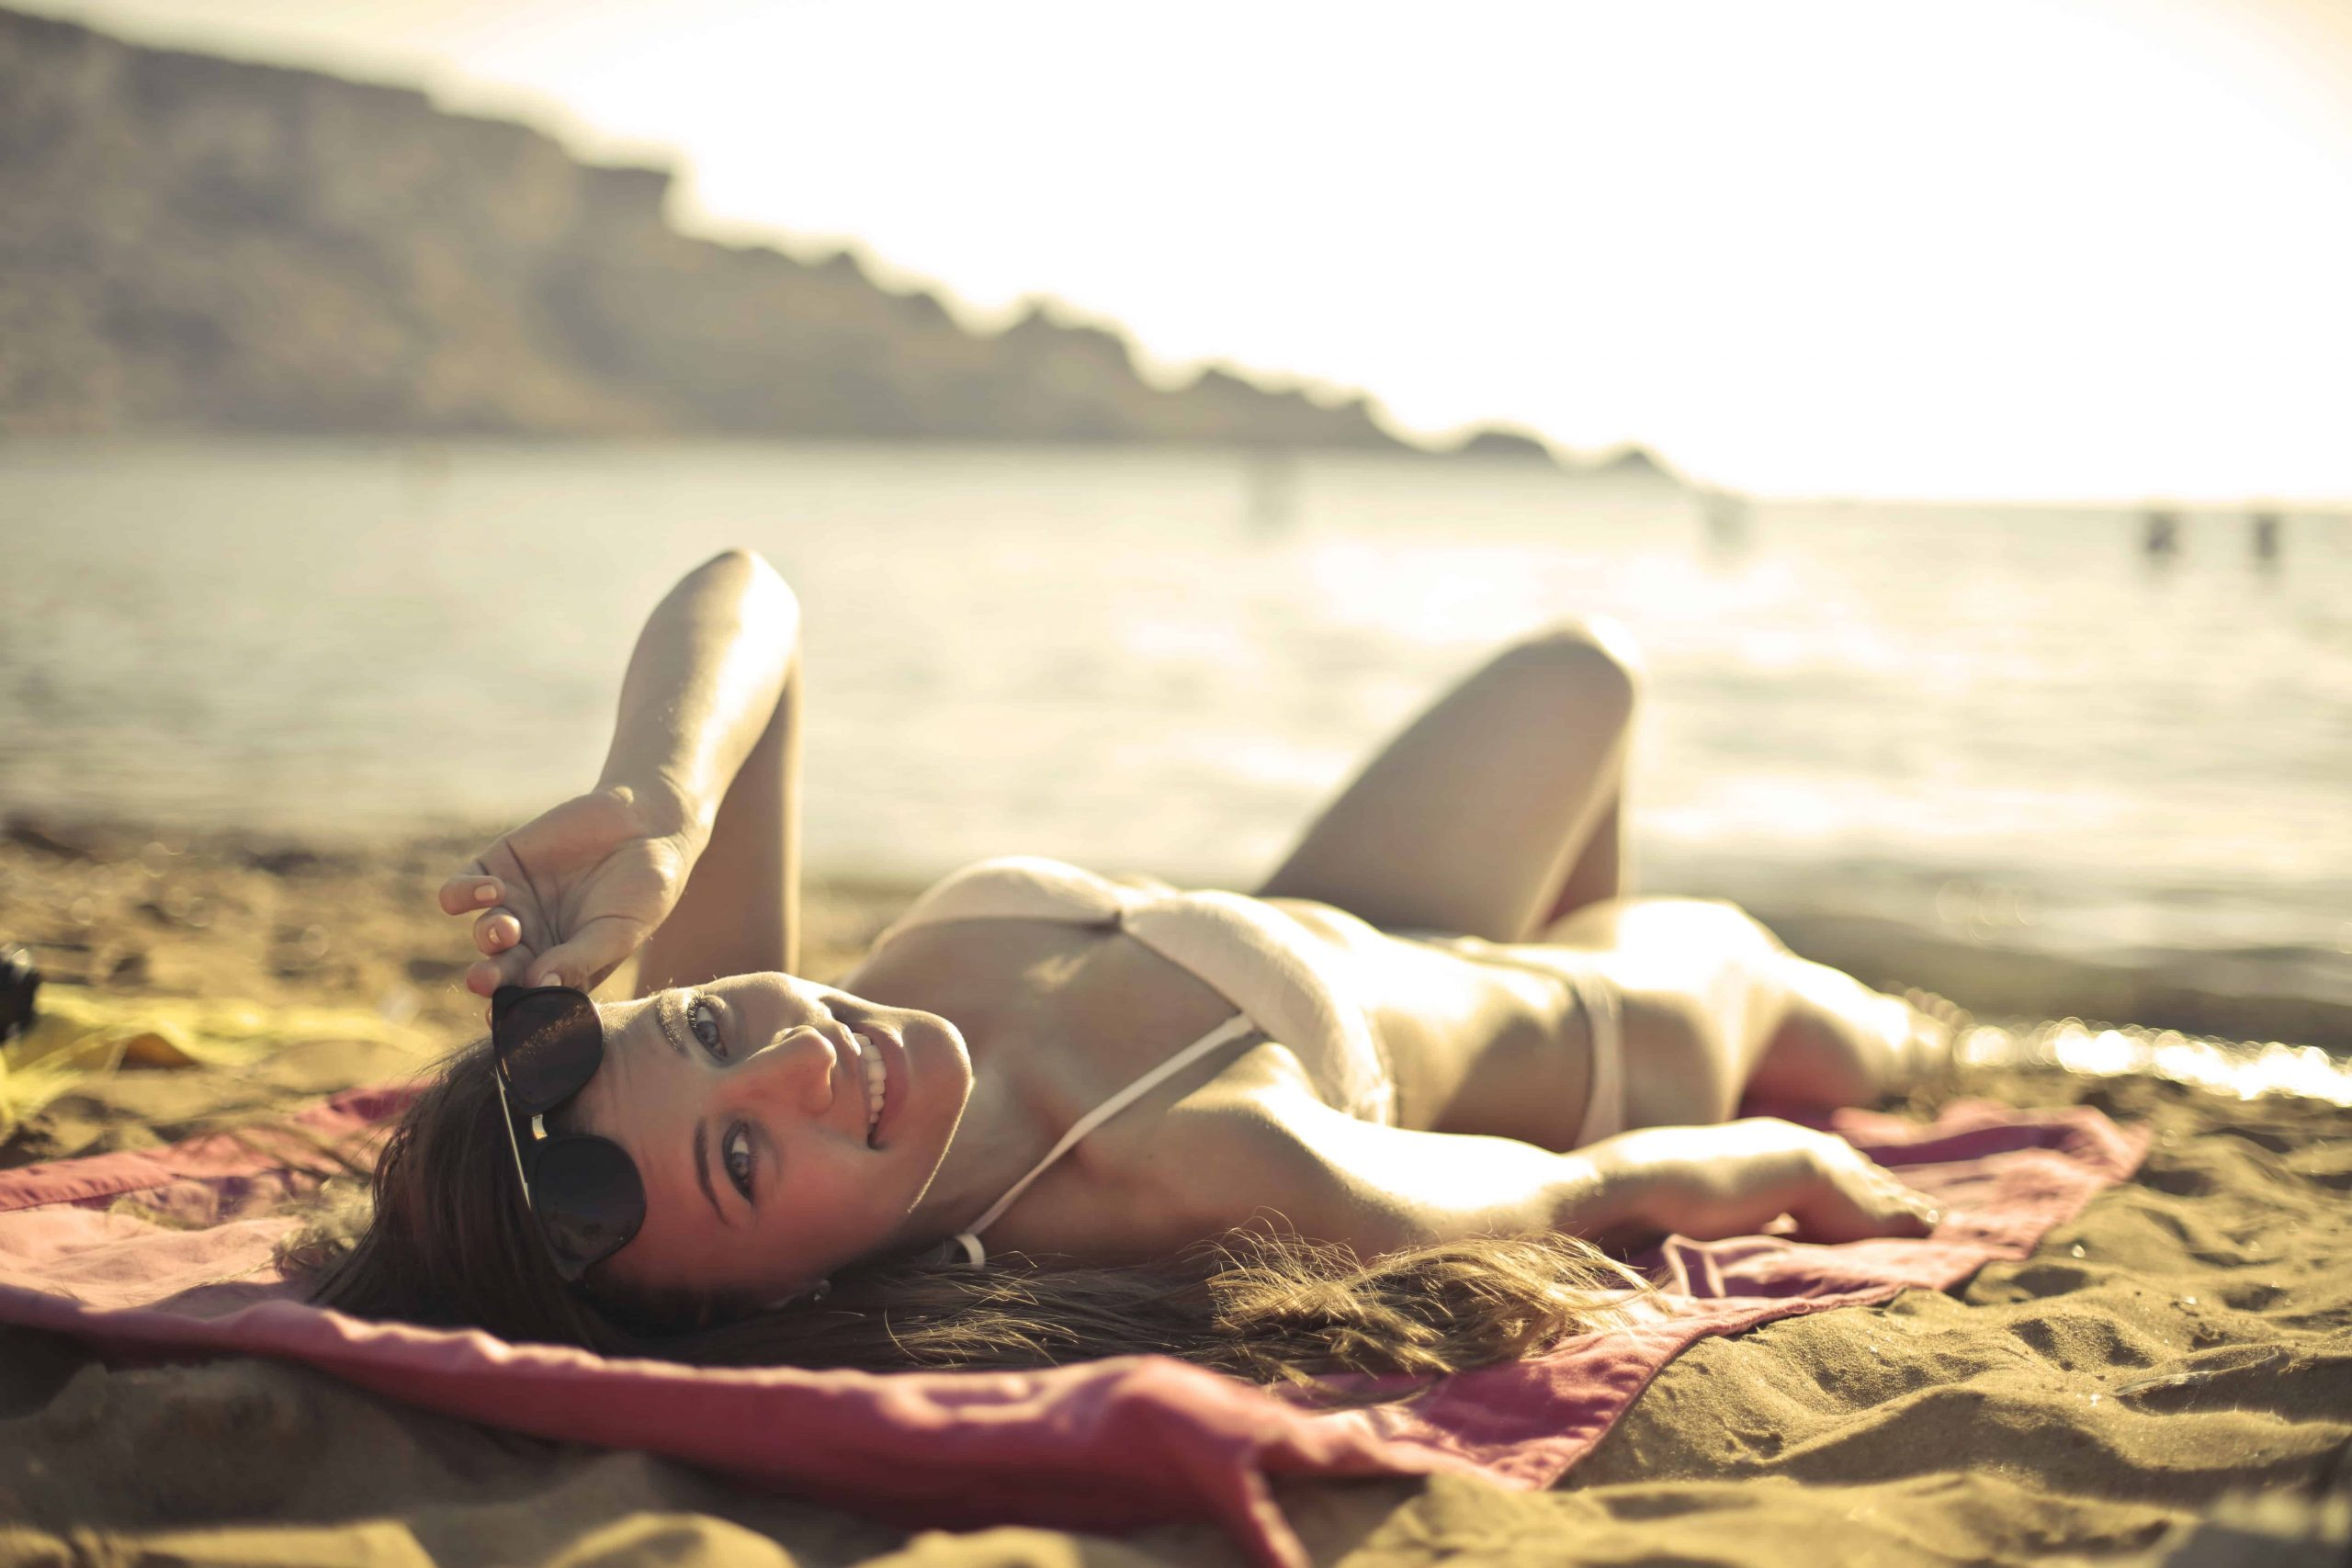 Foto de uma mulher de biquíni, deitada em uma toalha, na praia, se bronzeando. Ela segura o óculos de sol enquanto olha para a câmera.